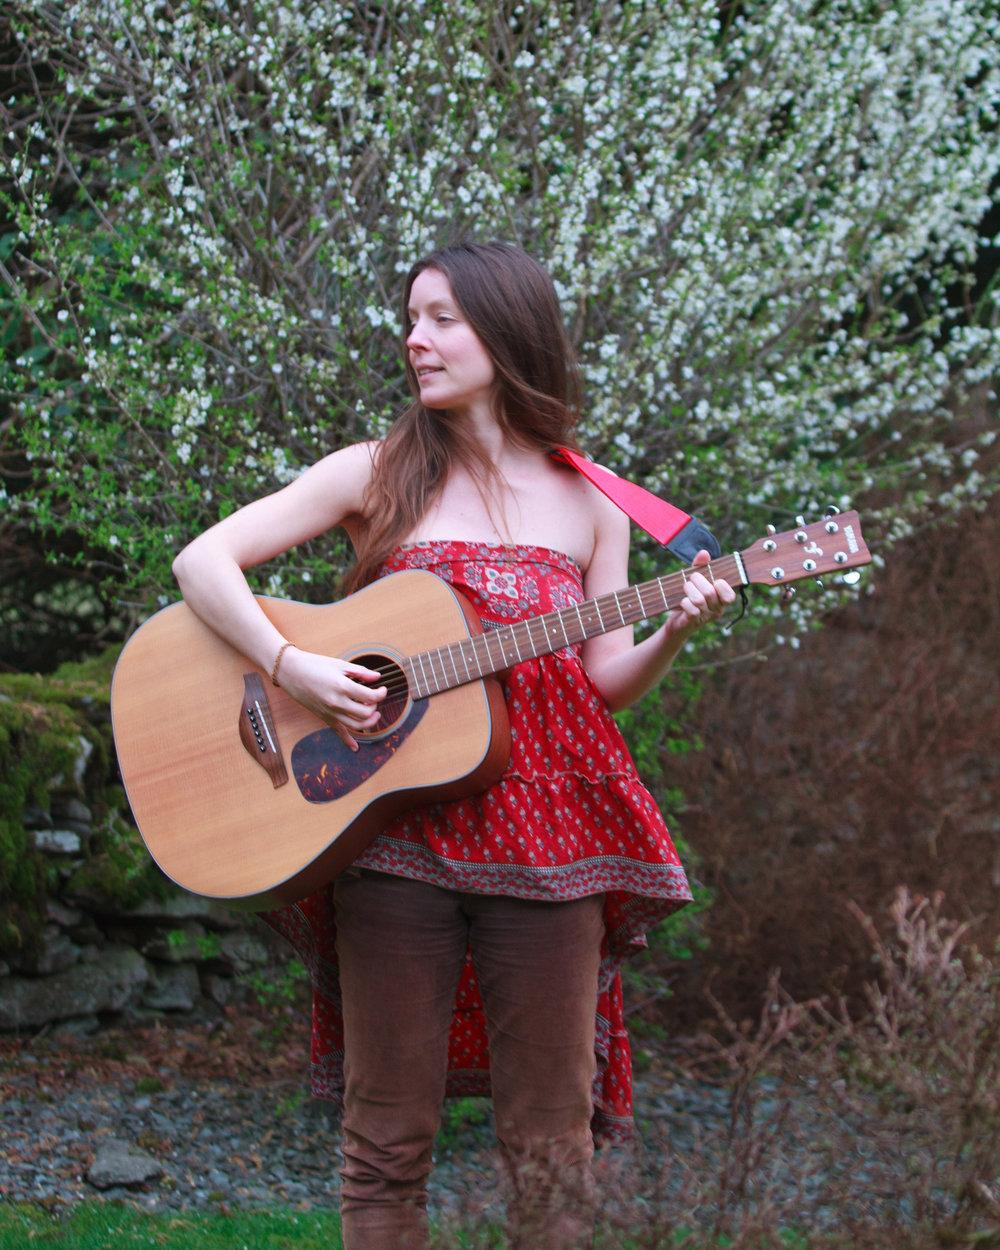 Olivia Fern ful res images-1001.jpg